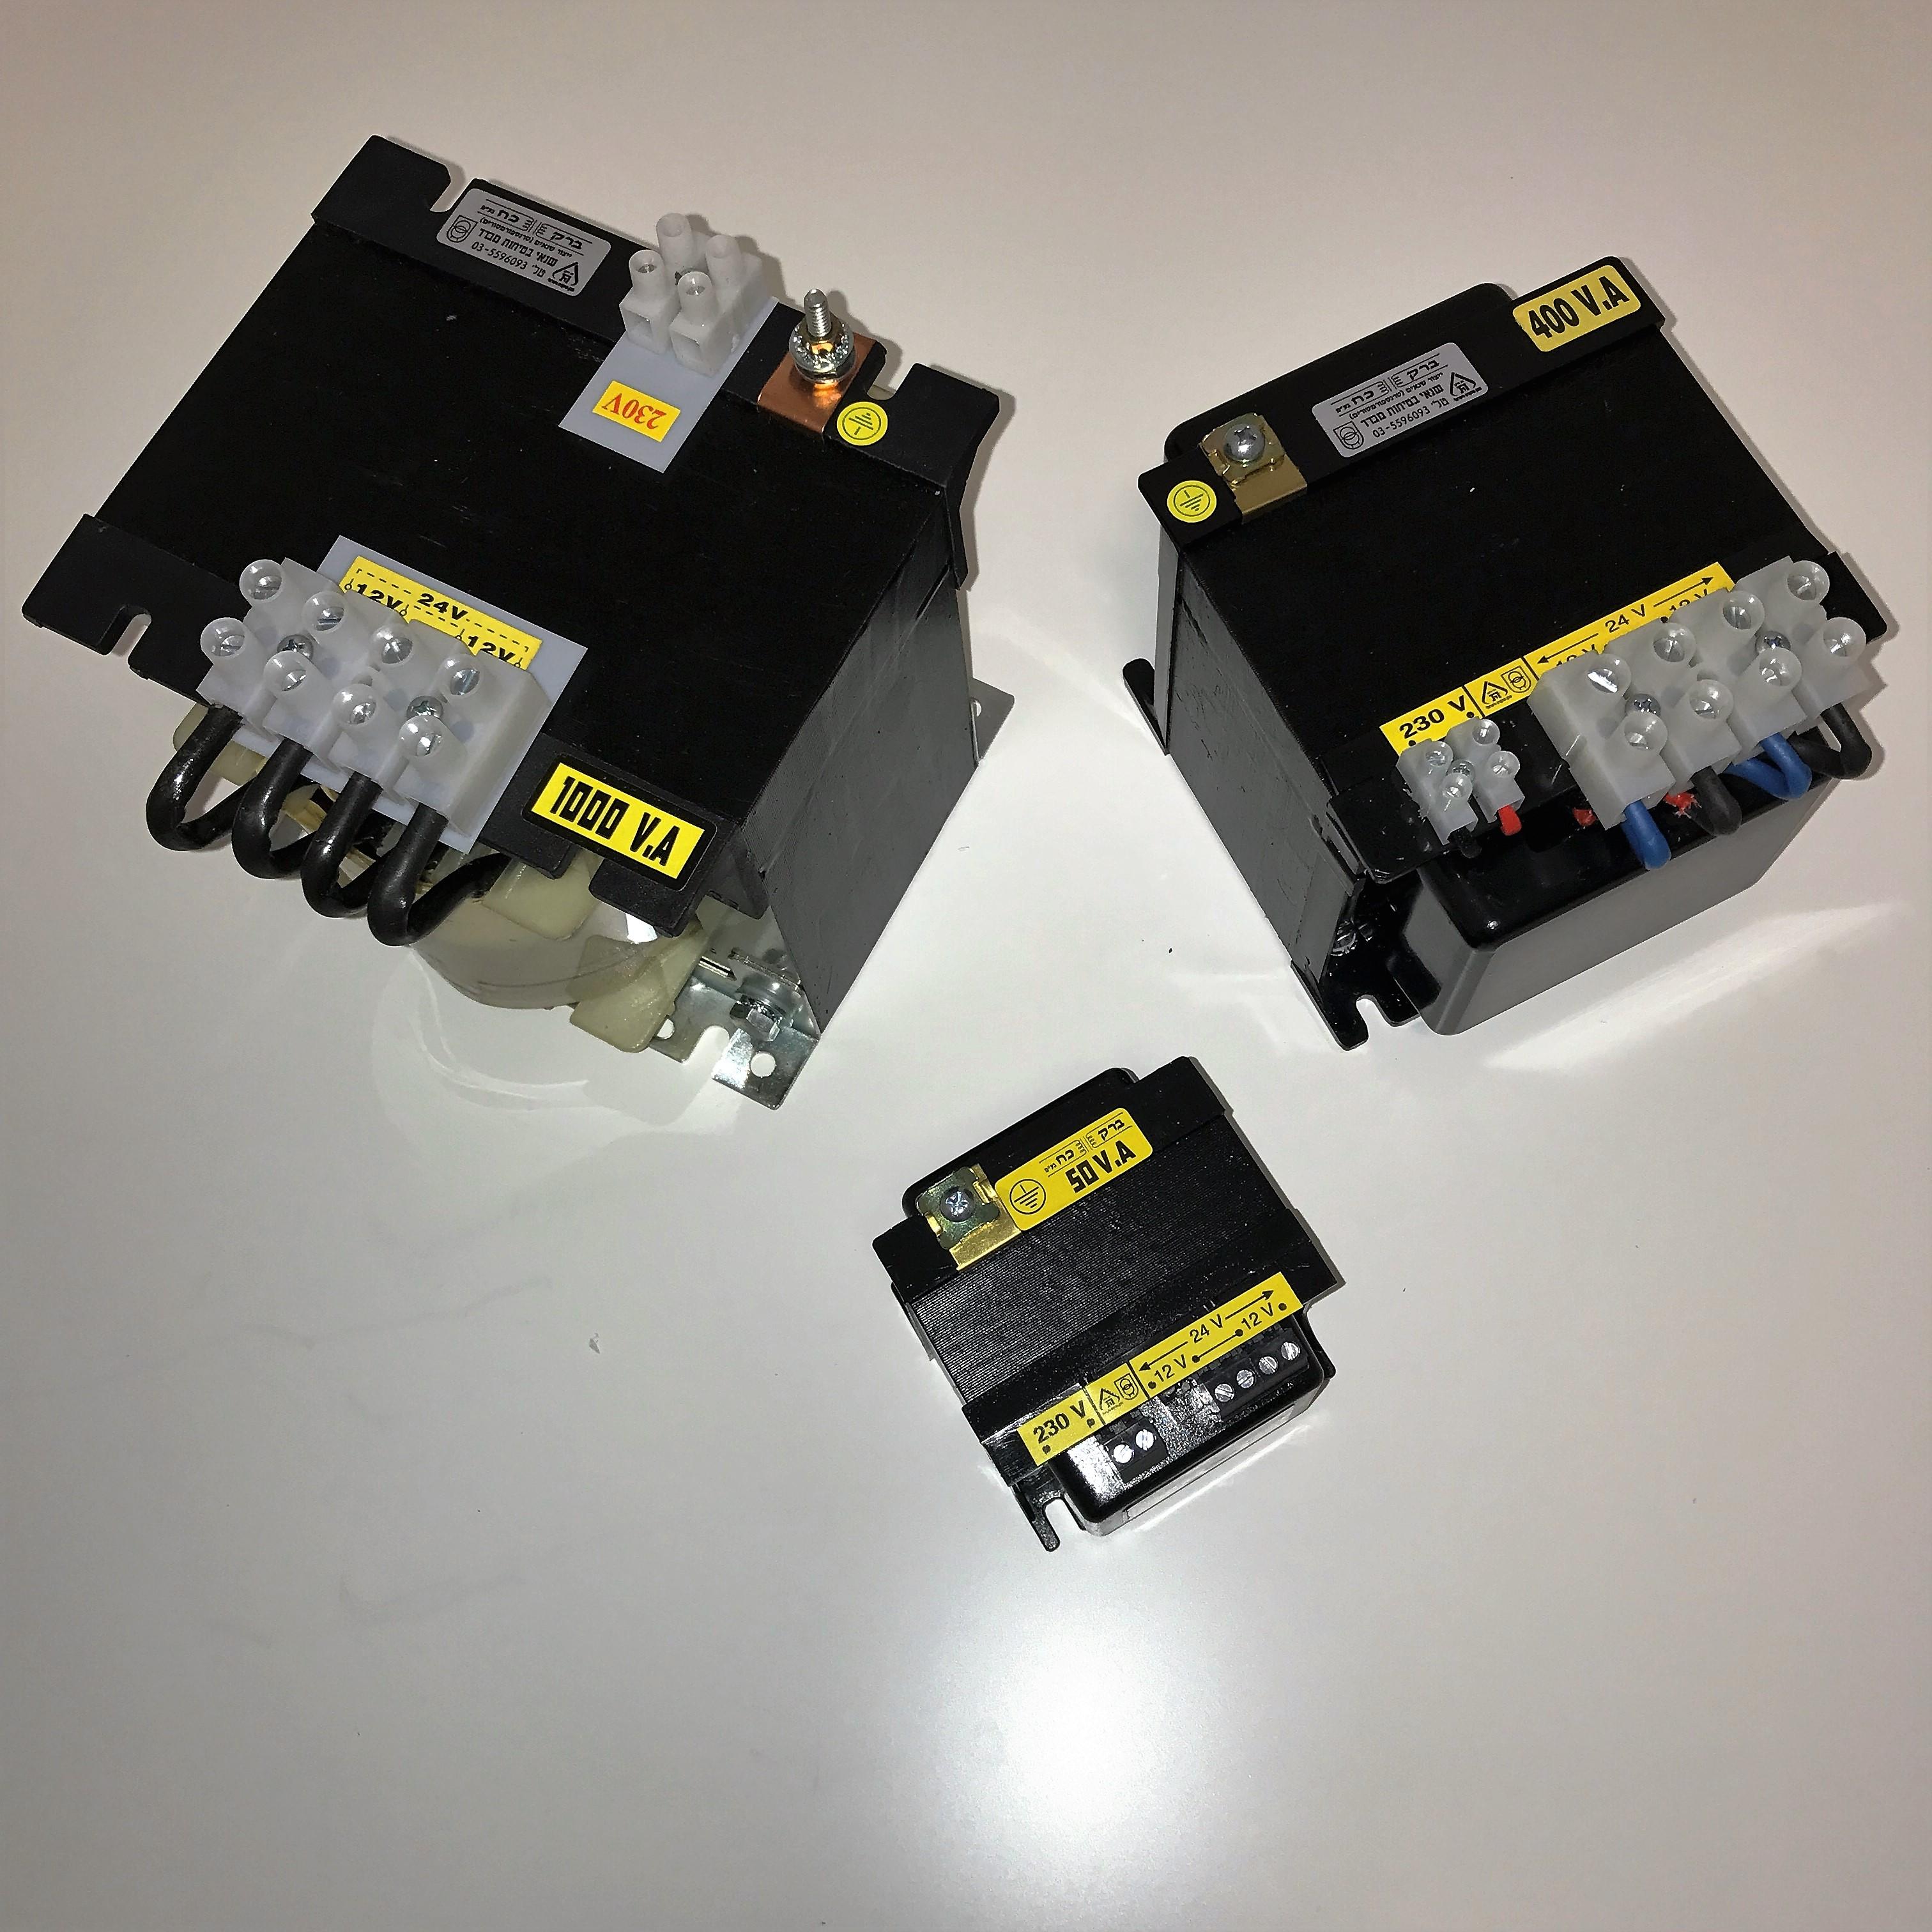 שנאי מבדל בהספק 8000VA במתחים 230V-12V